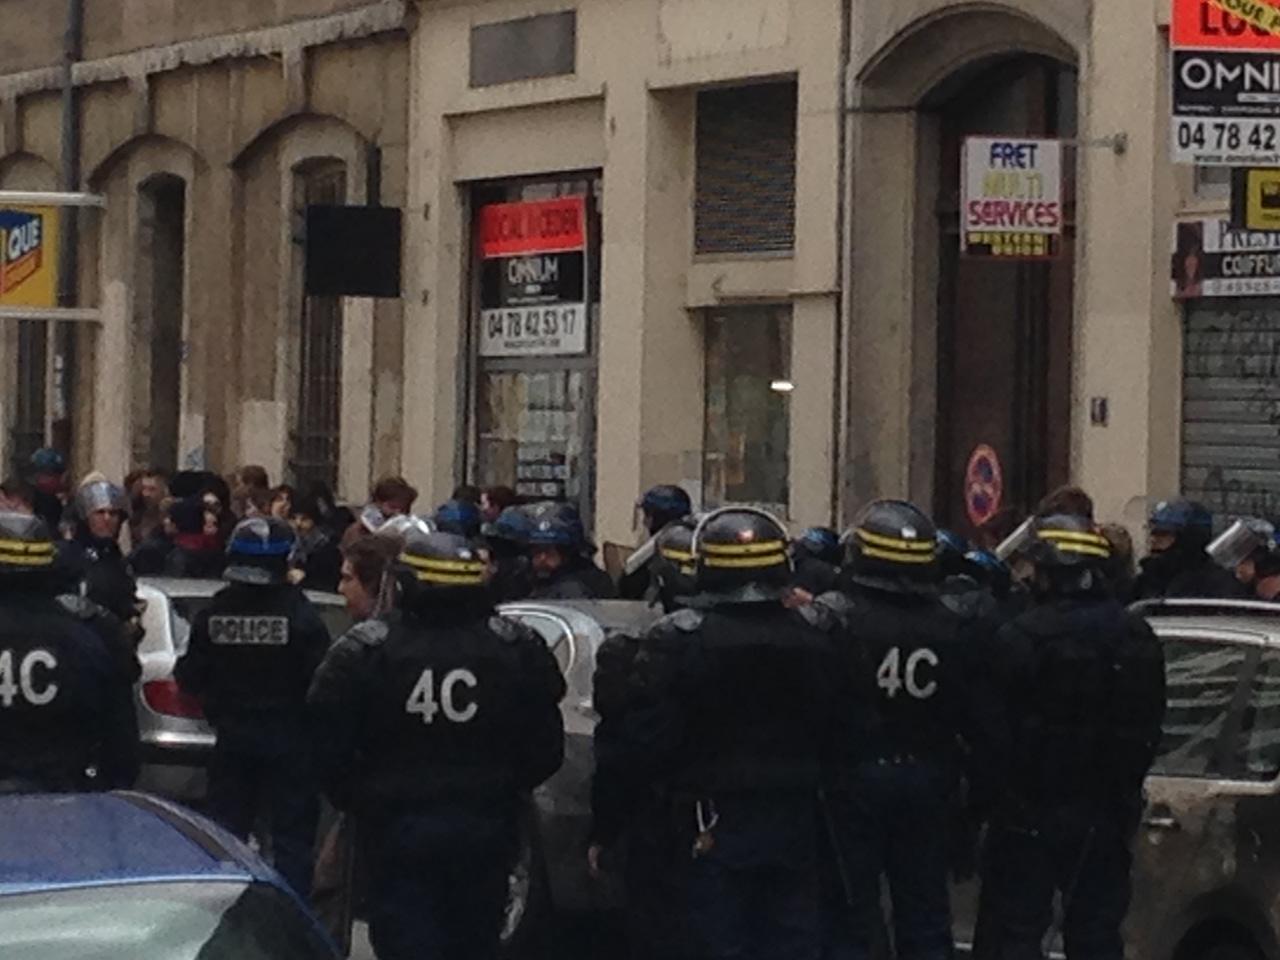 Les policiers attendent la sortie des casseurs rue Sébastien-Gryphe - LyonMag